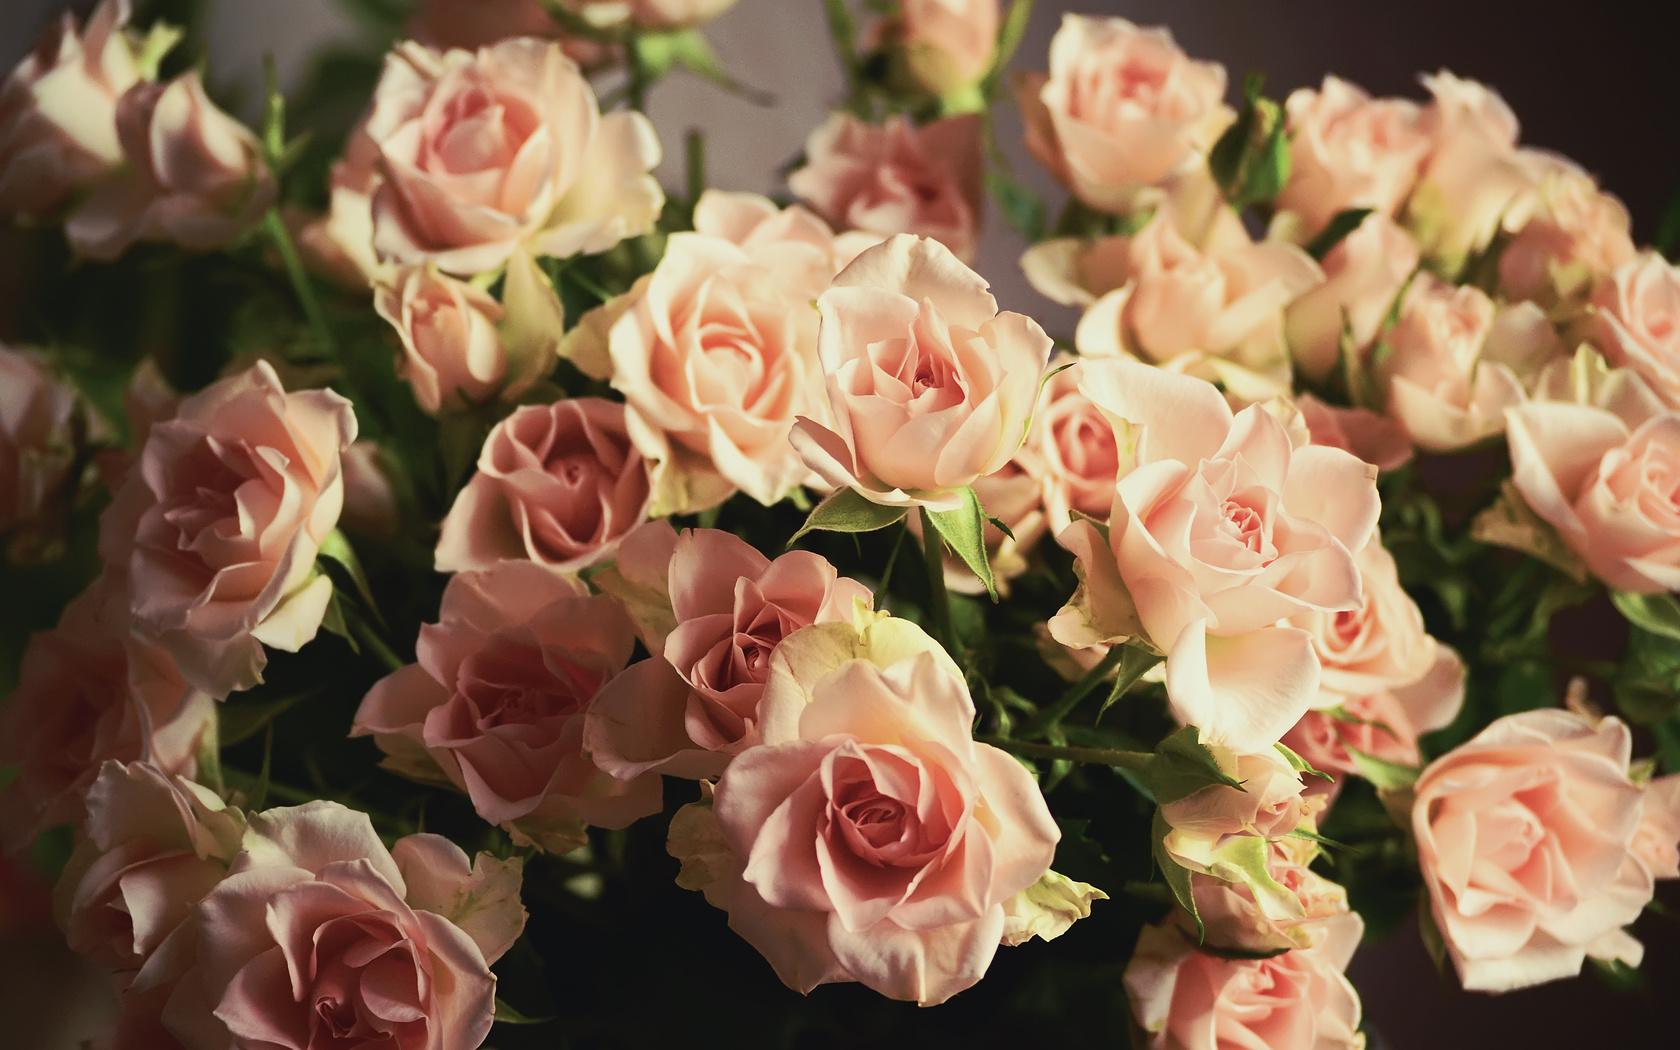 букет, розы, розы, лепестки, цветы